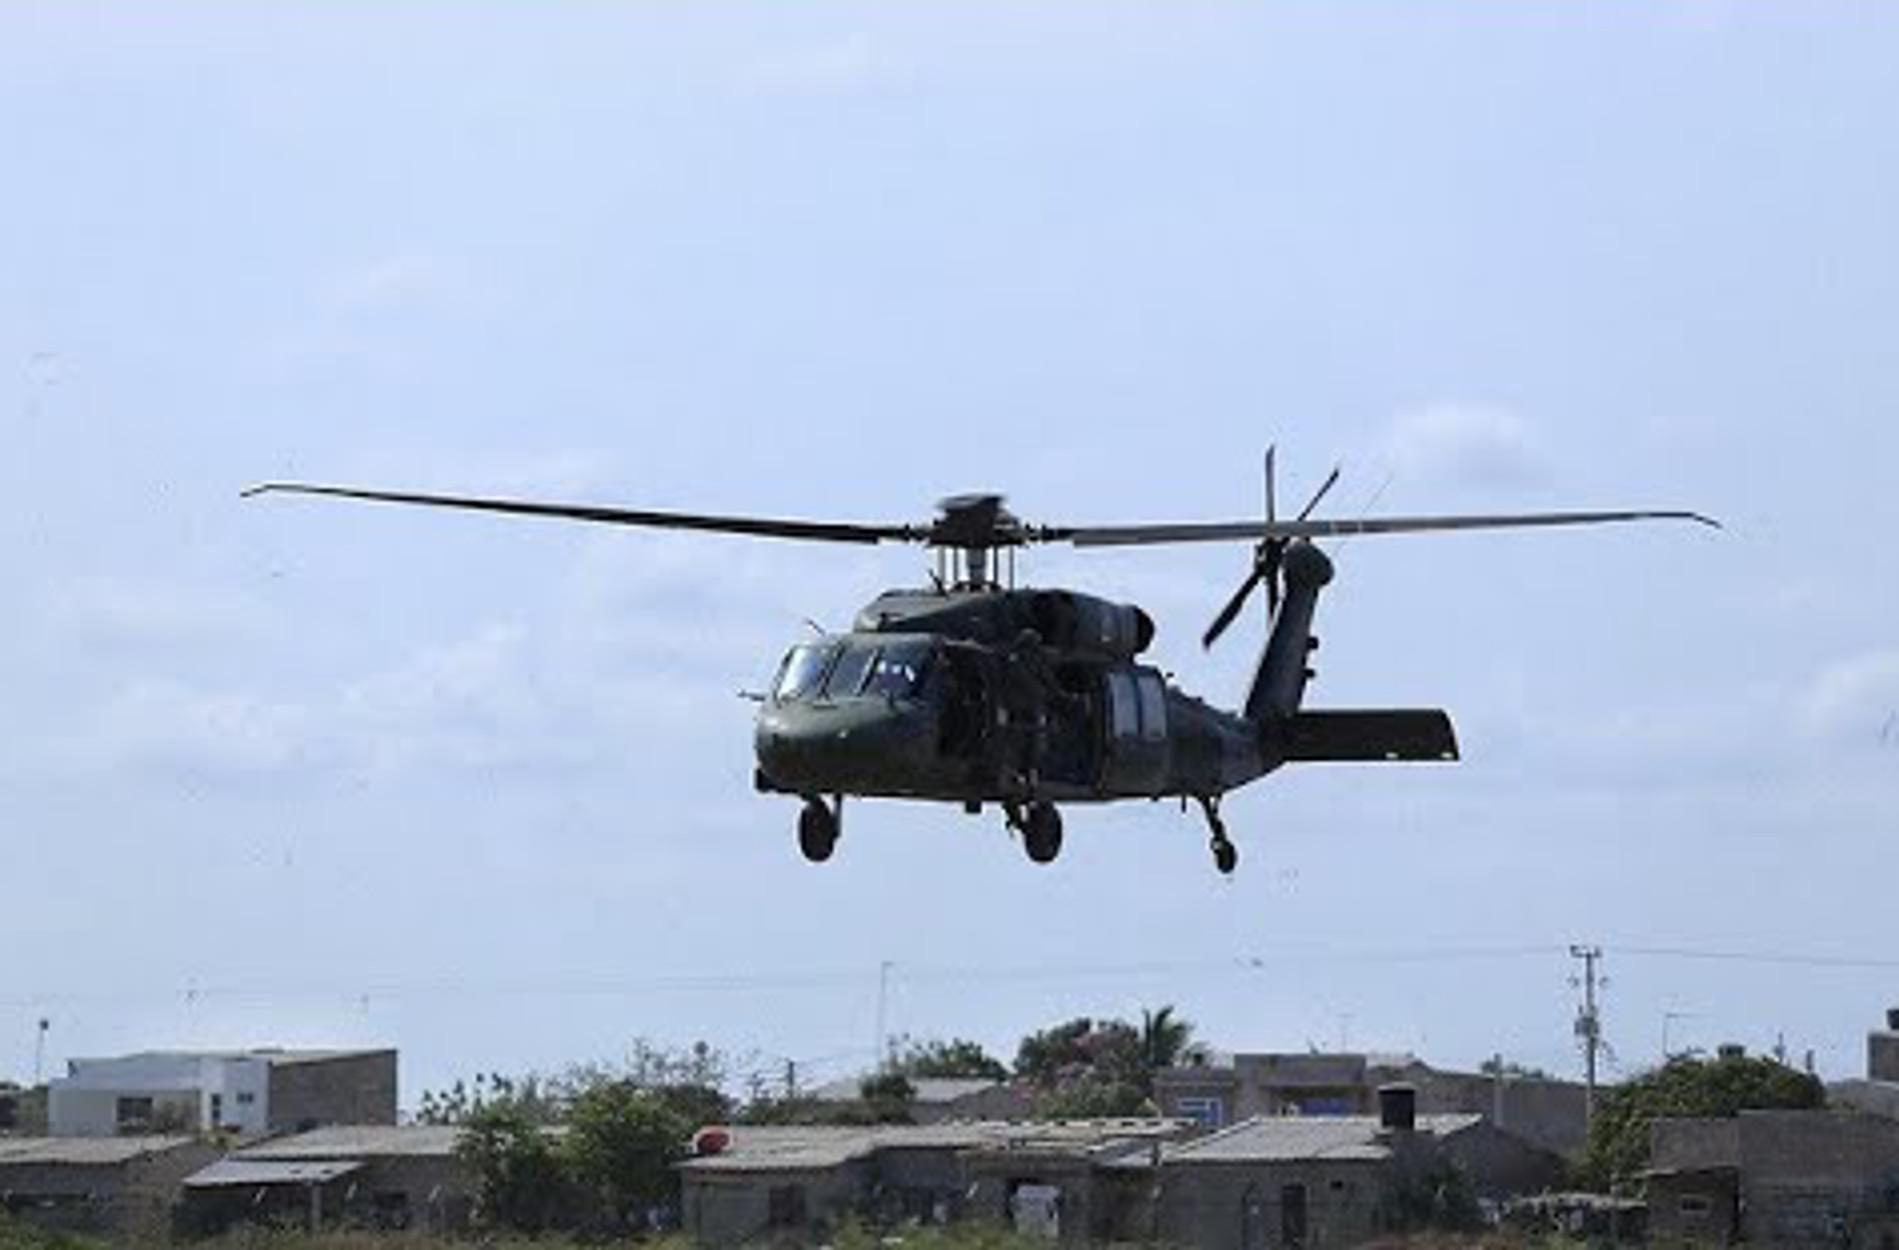 Κολομβία: Νεκροί και οι άλλοι 2 αγνοούμενοι από το ελικόπτερο που έπεσε – 11 συνολικά